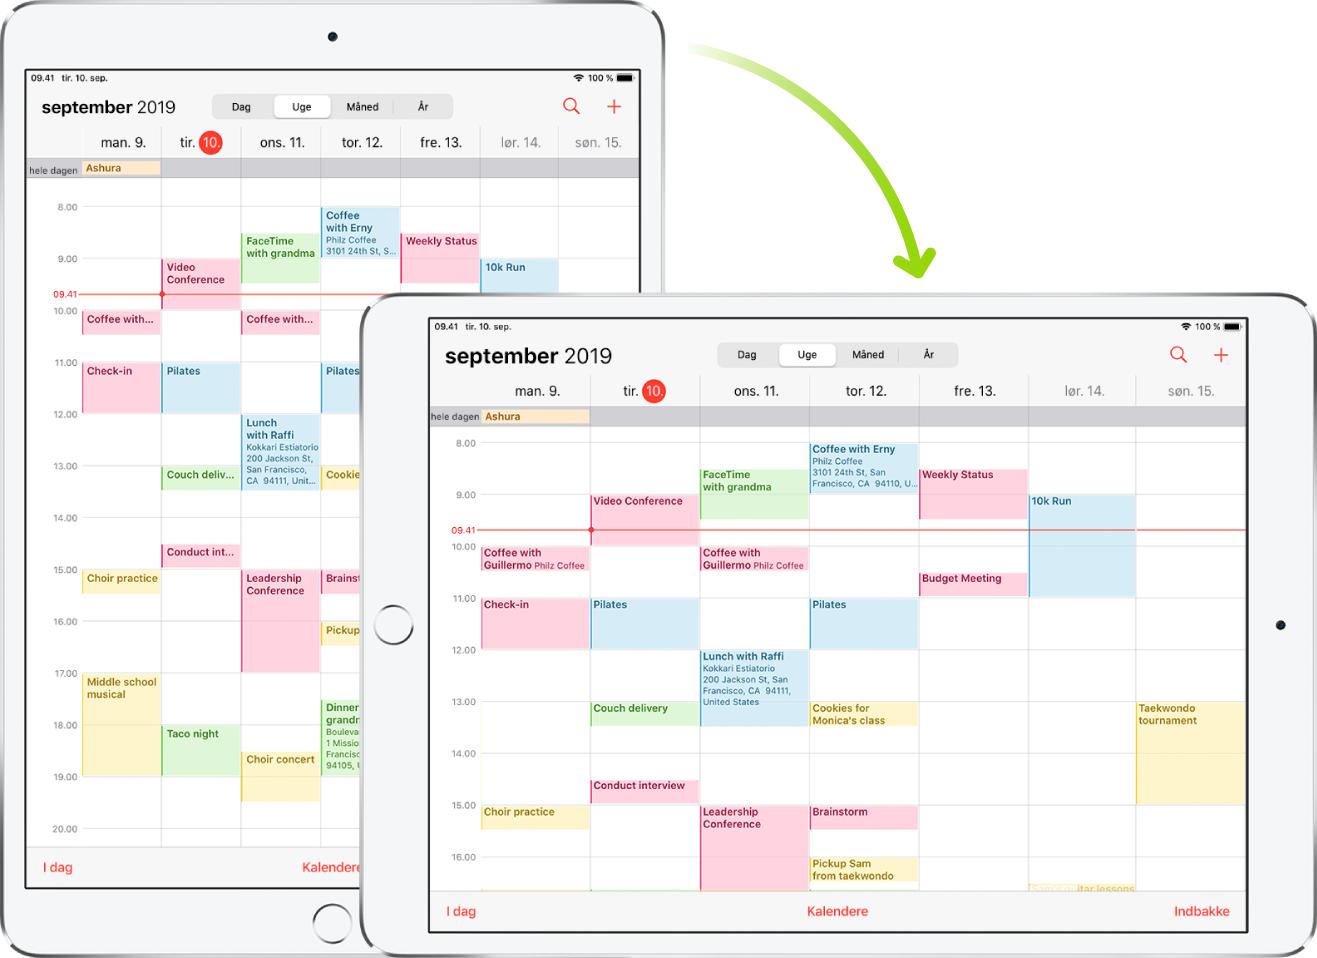 I baggrunden viser iPad en skærm i Kalender i stående retning. I forgrunden er iPad vendt på siden og viser Kalender-skærmen i liggende retning.